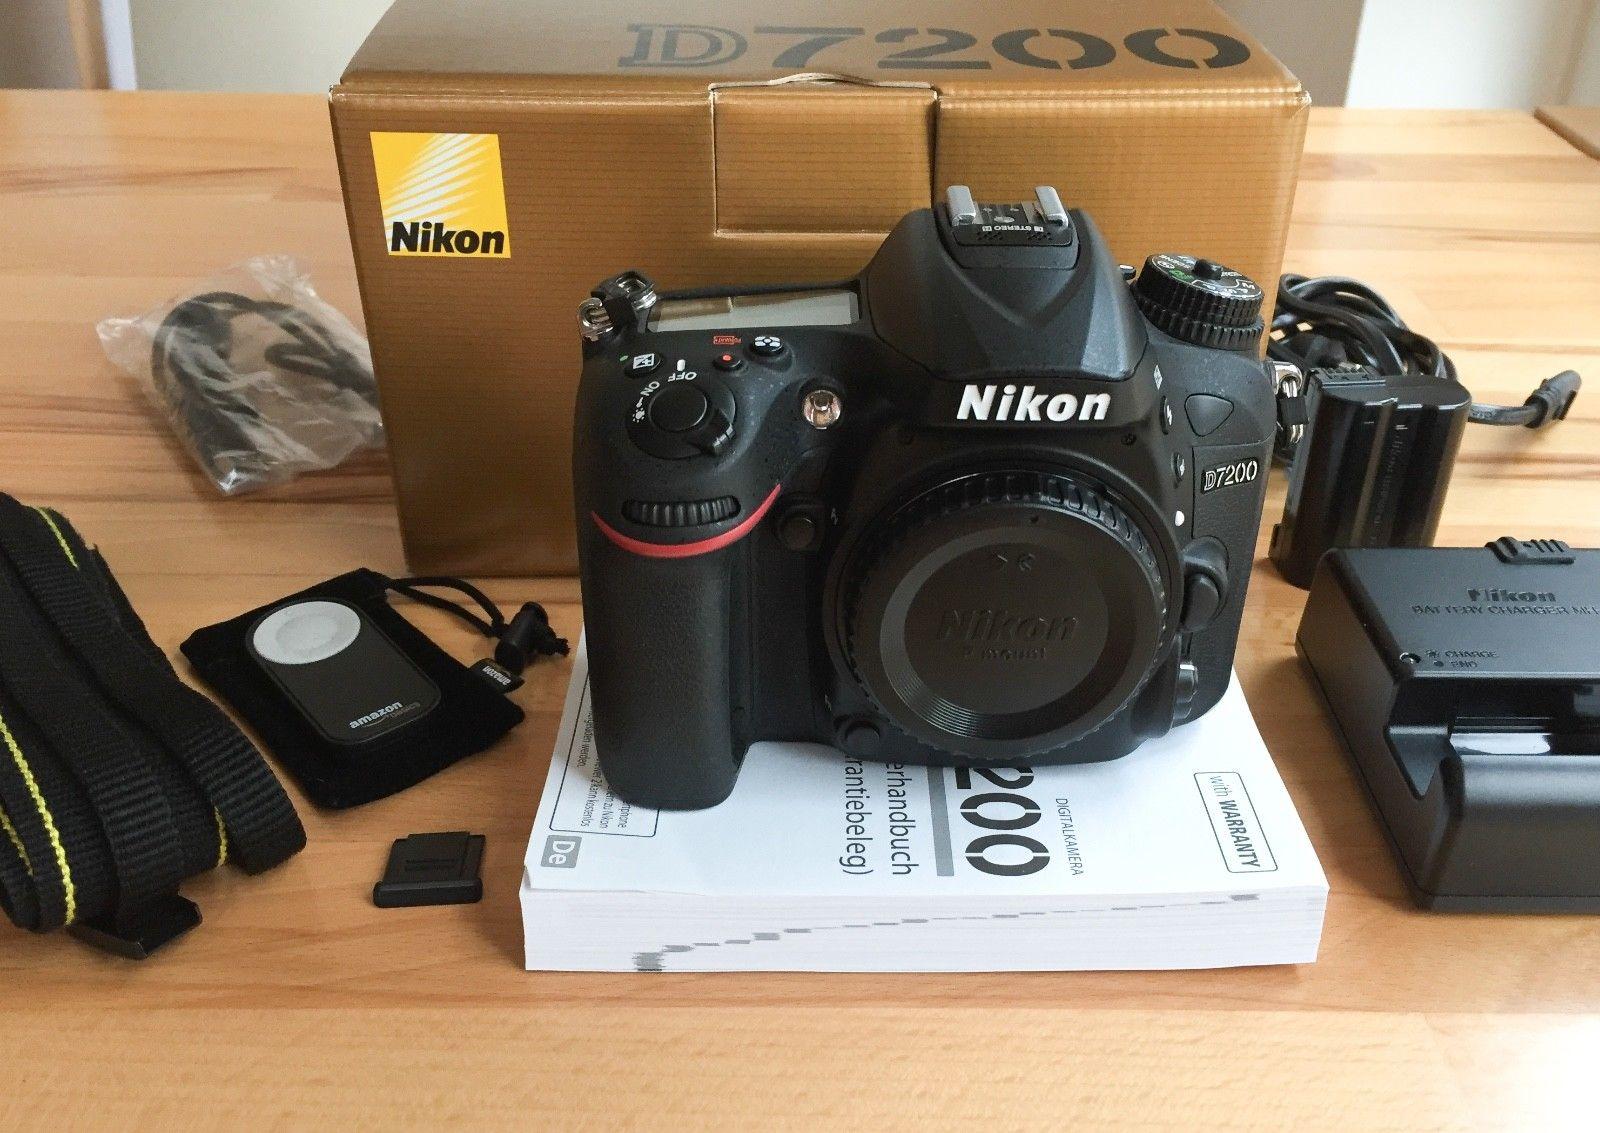 TOP Zustand! Nikon D7200 24.2 MP DSLR-Digitalkamera - Body (Gehäuse), in OVP